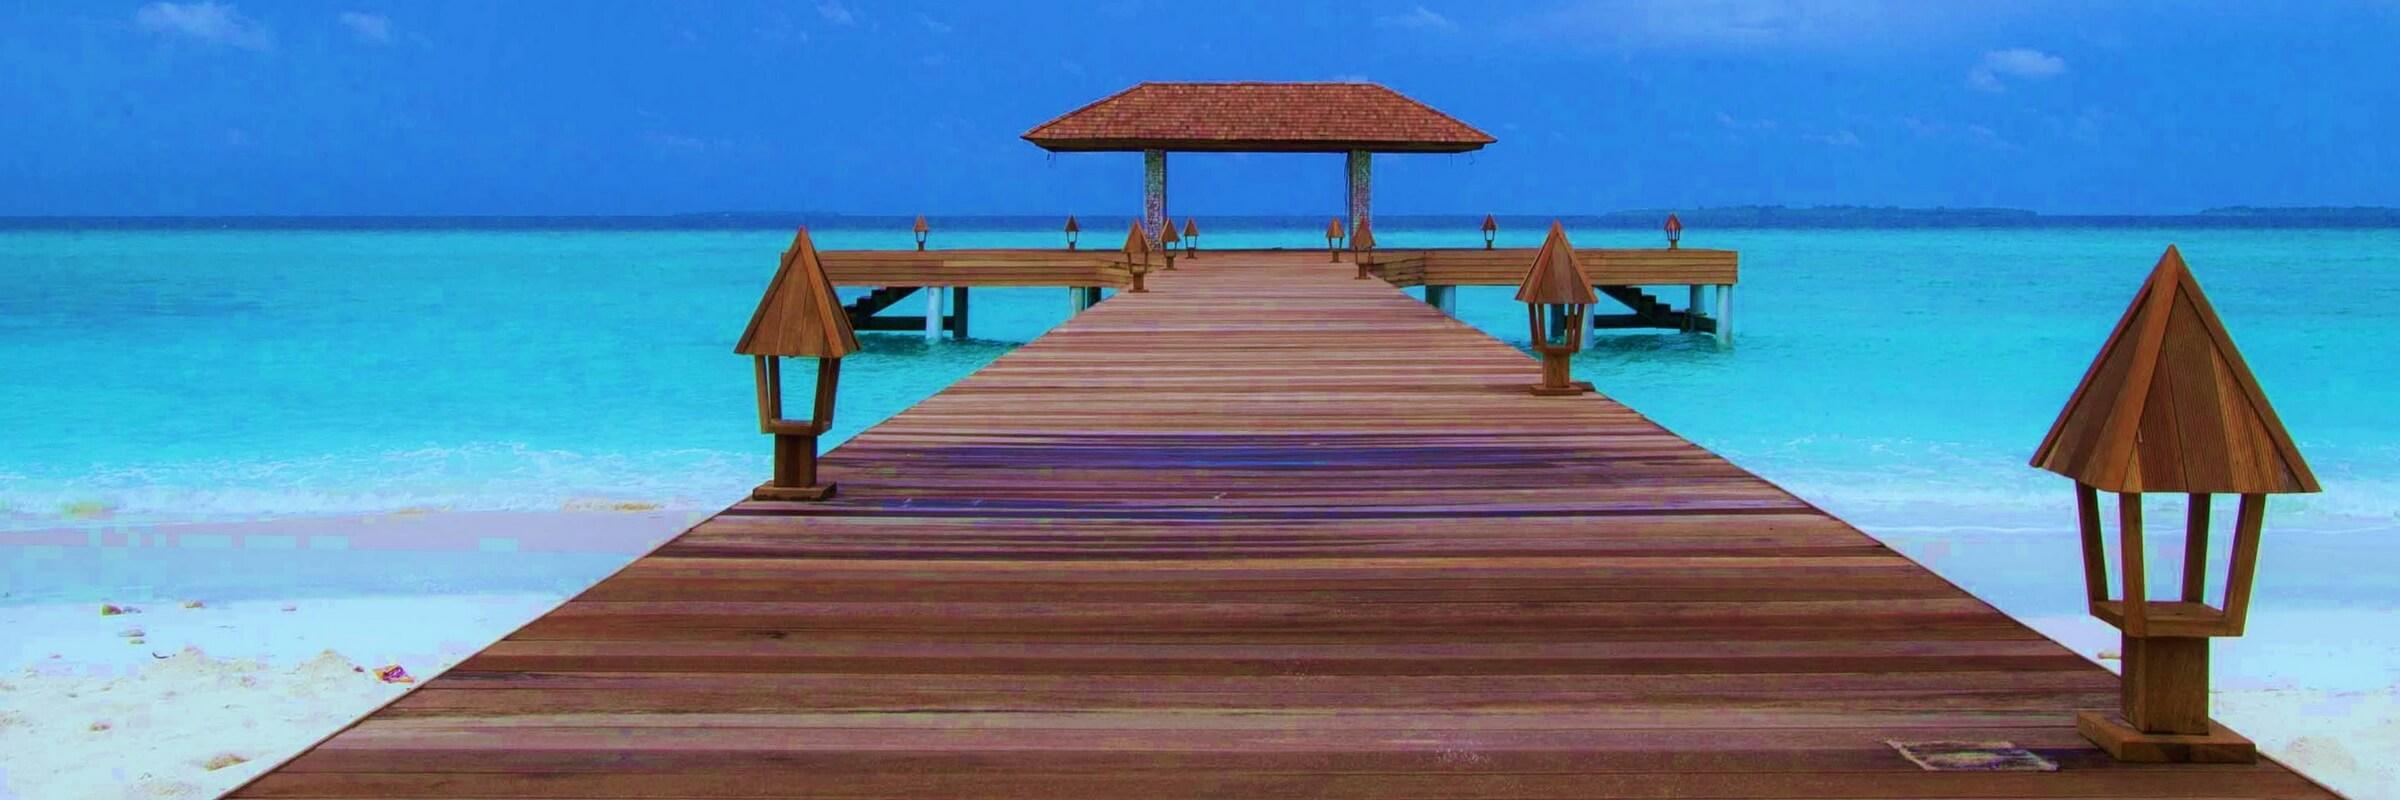 Vom Pier des The Barefoot Eco Hotel kann man leicht in umliegende Meer gelangen und zu Tauchausflügen aufbrechen.